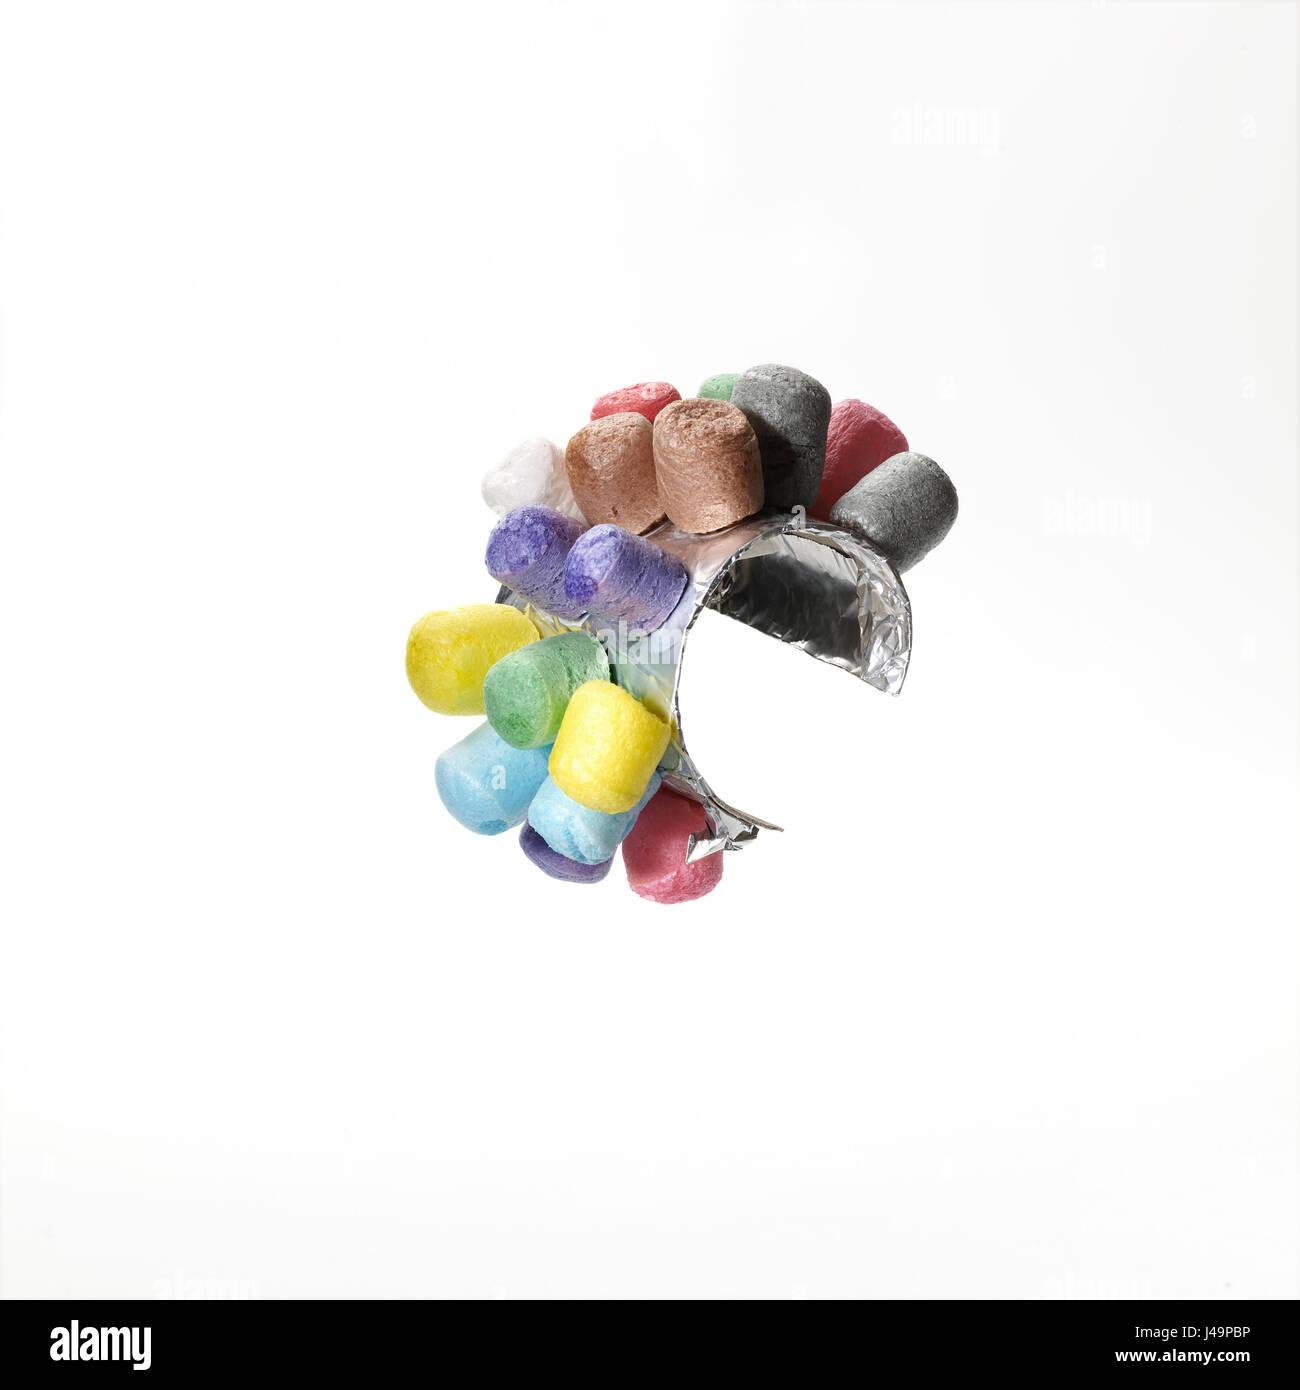 © John Angerson Element mit recycelten Junk-Ideen von 4 Jahre altes Kind in der UK England gebildet. Igel-Armband Stockbild